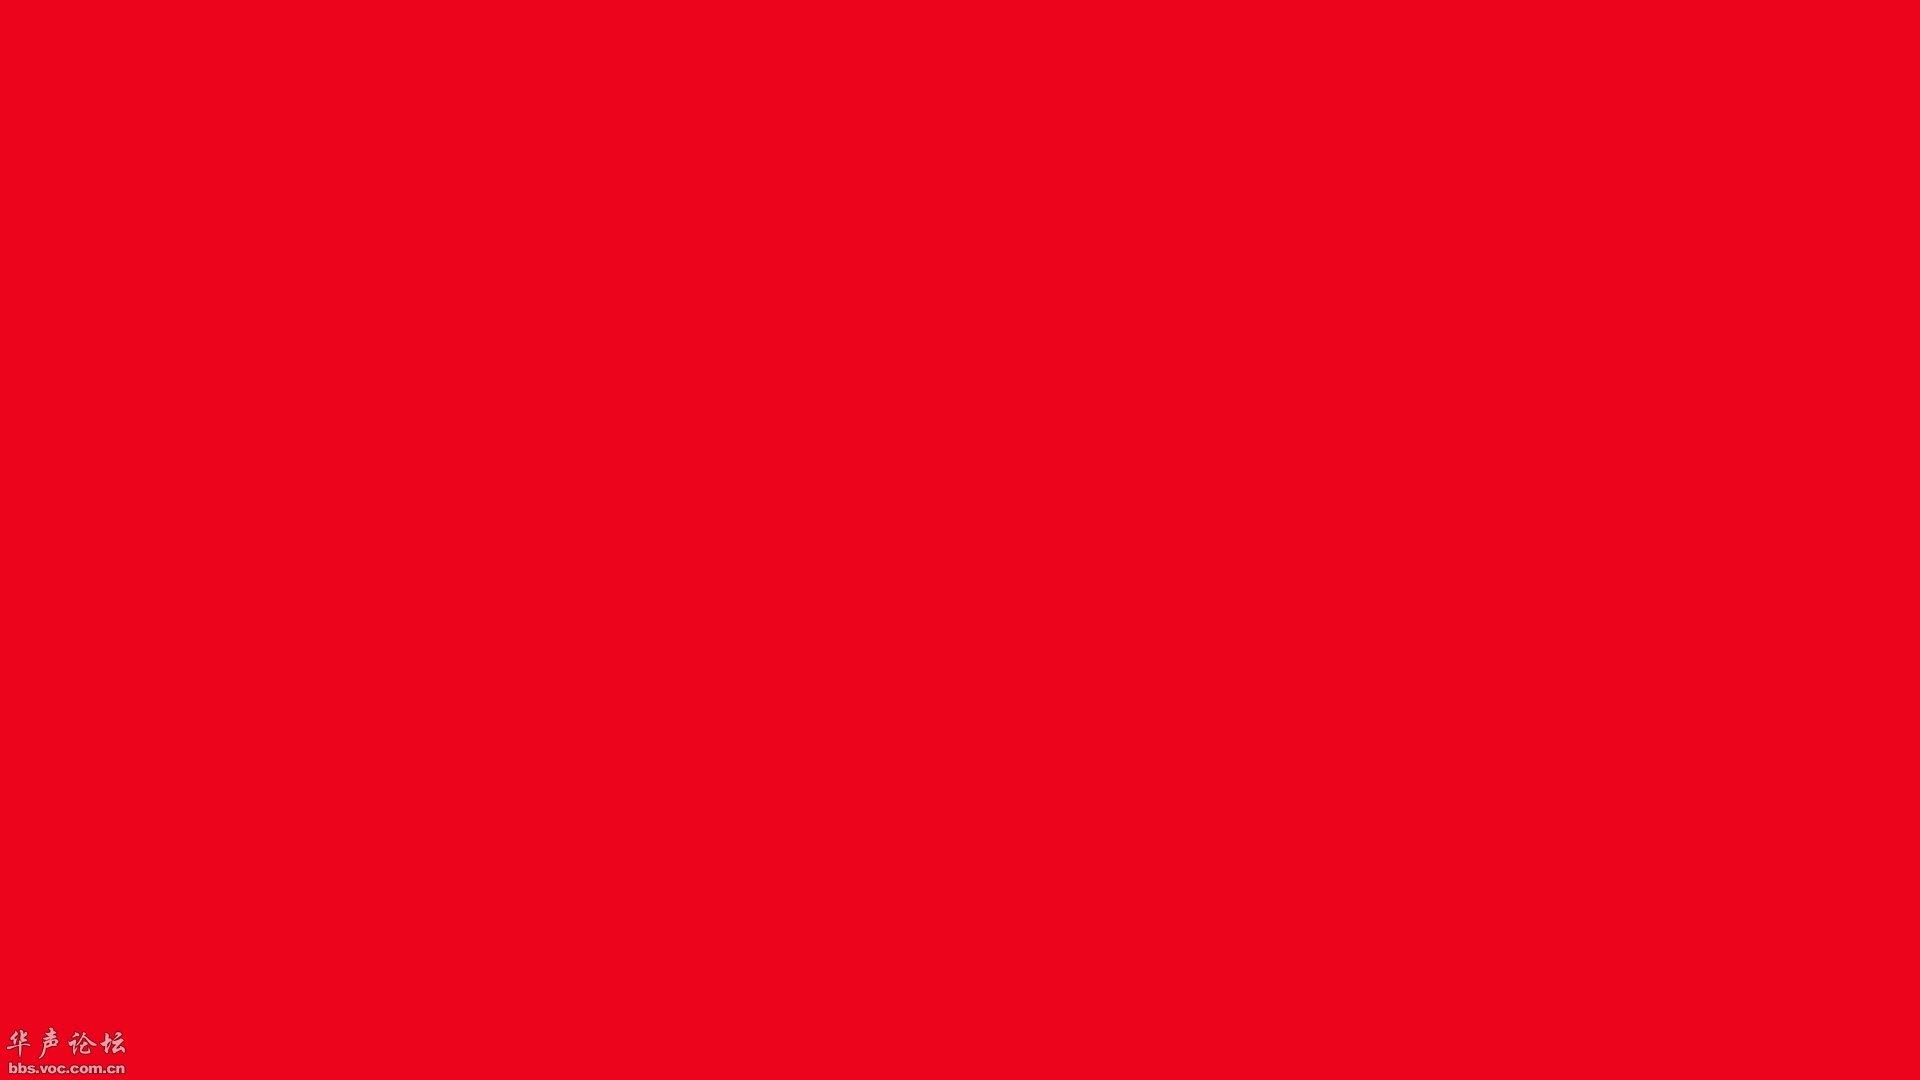 液晶电视屏幕检测_[注意][原创]【暴LED电视内幕,学漏光检测方法】长虹液晶你伤不 ...